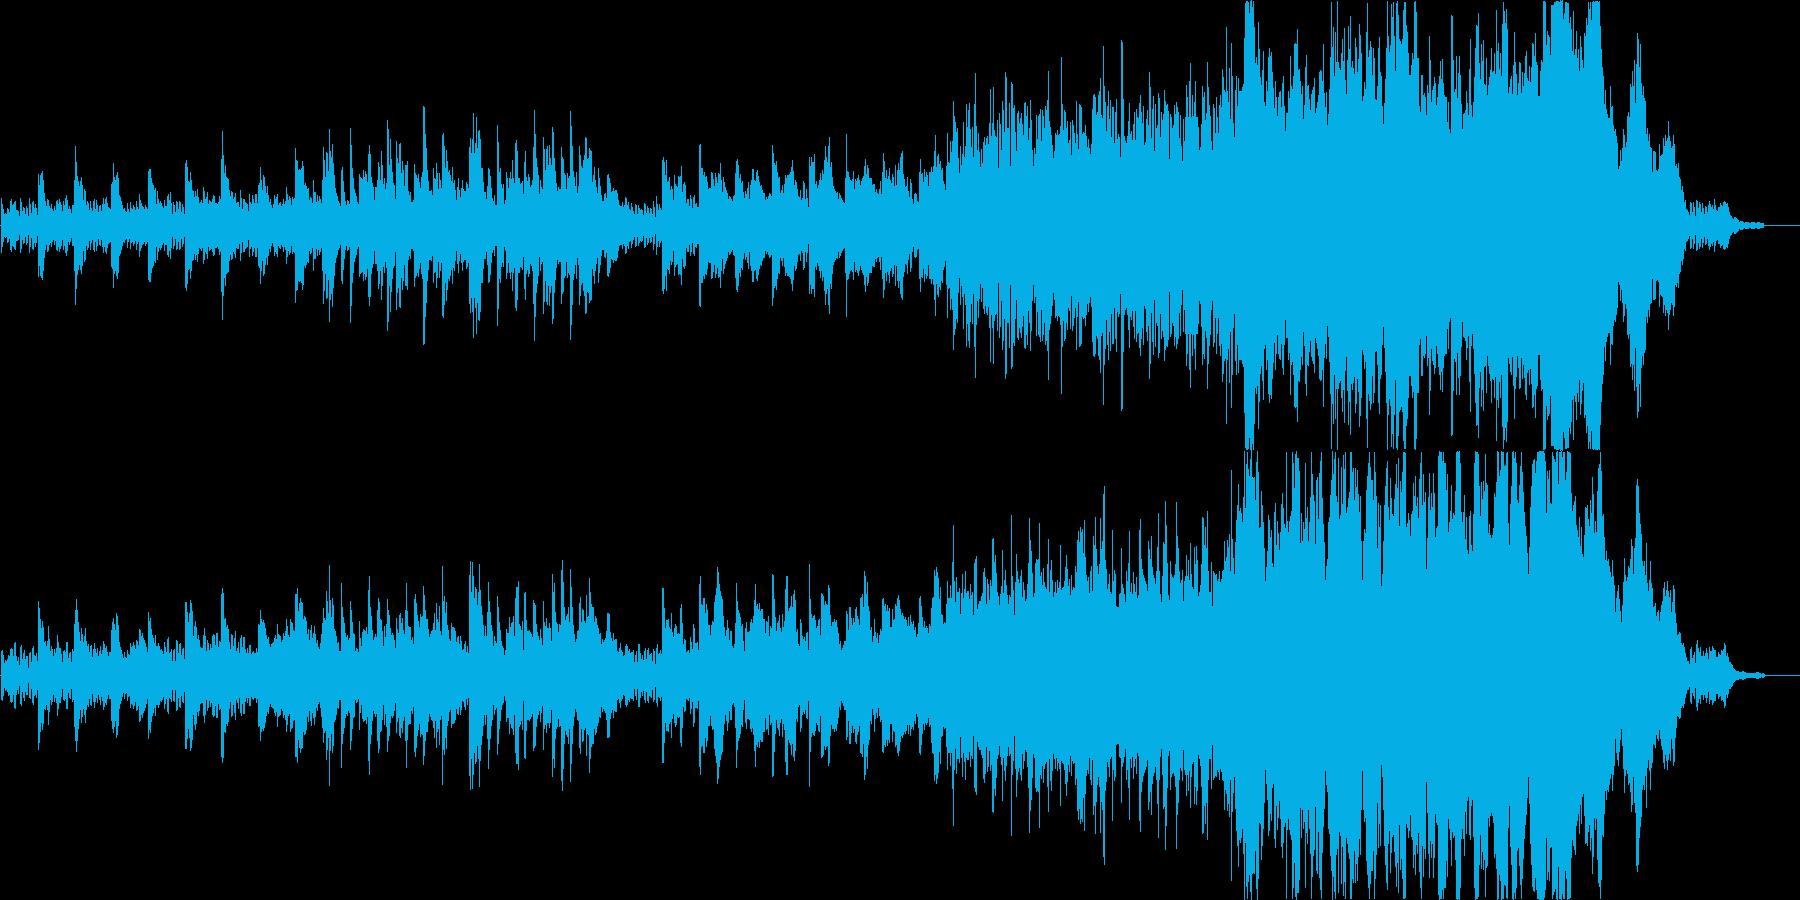 ピアノとストリングスの穏やかで感動的な曲の再生済みの波形